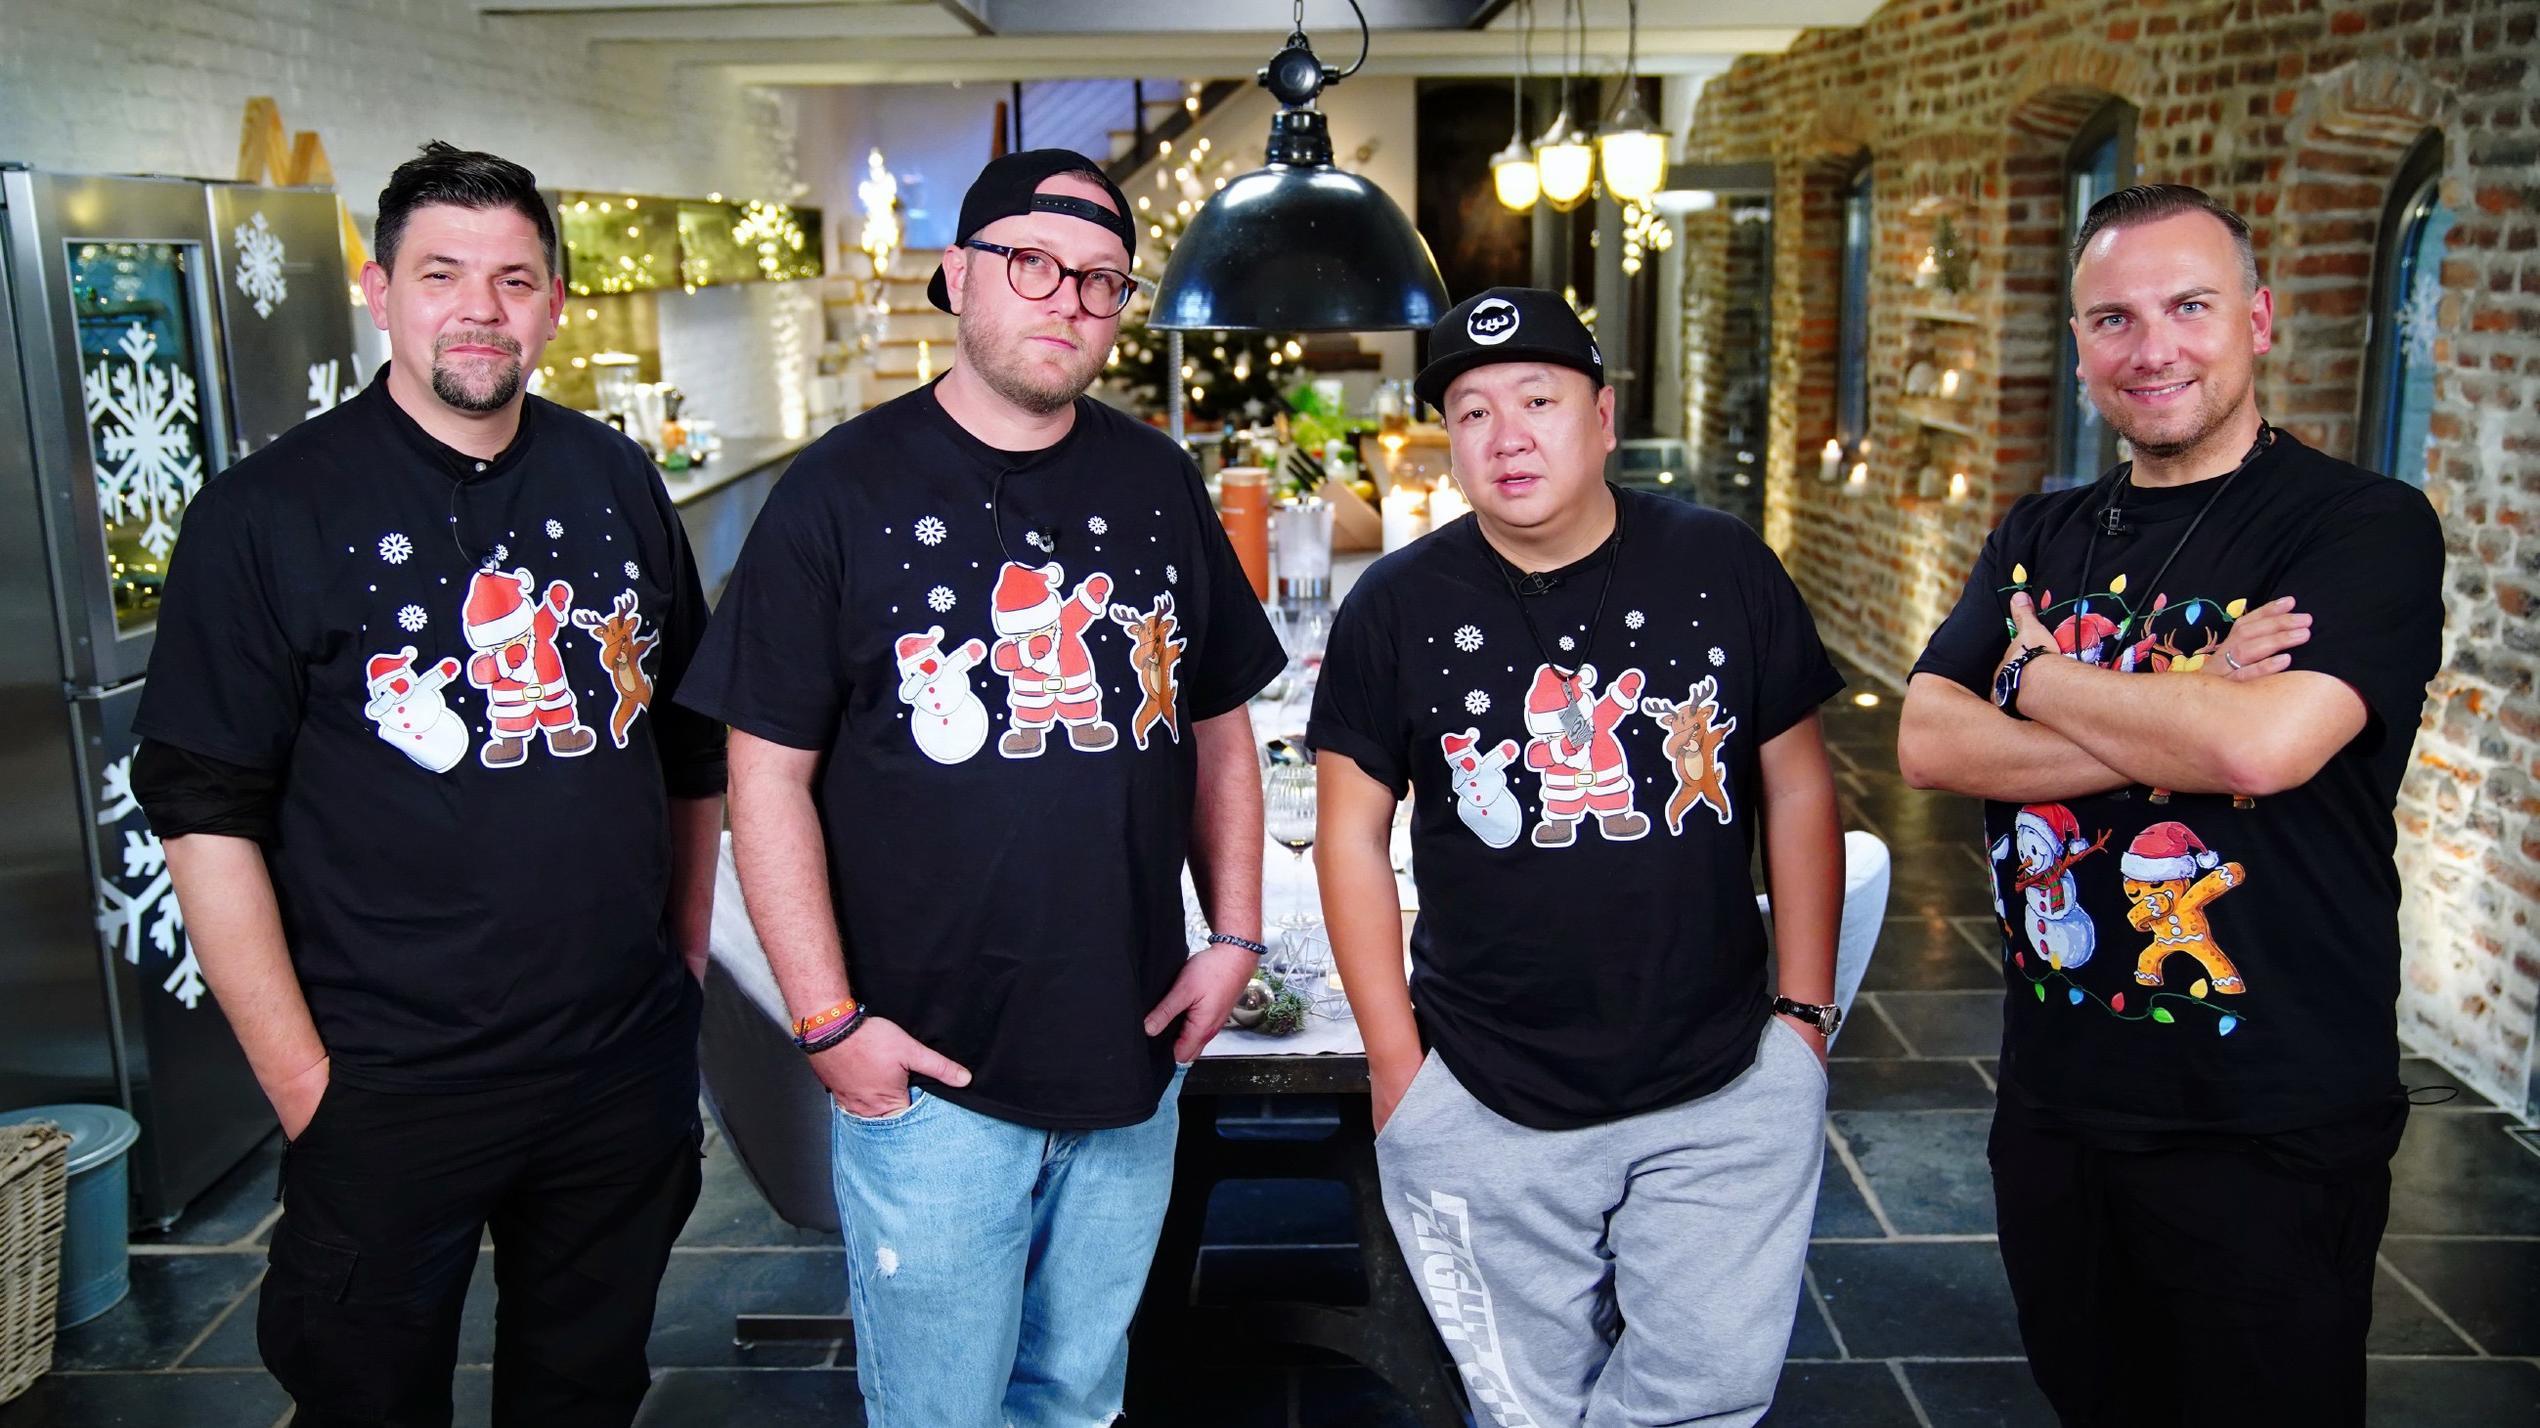 Kitchen Impossible Tim Malzer Und Max Strohe Sowie Tim Raue Und The Duc Ngo Treten In Der Weihnachts Edition 2020 An